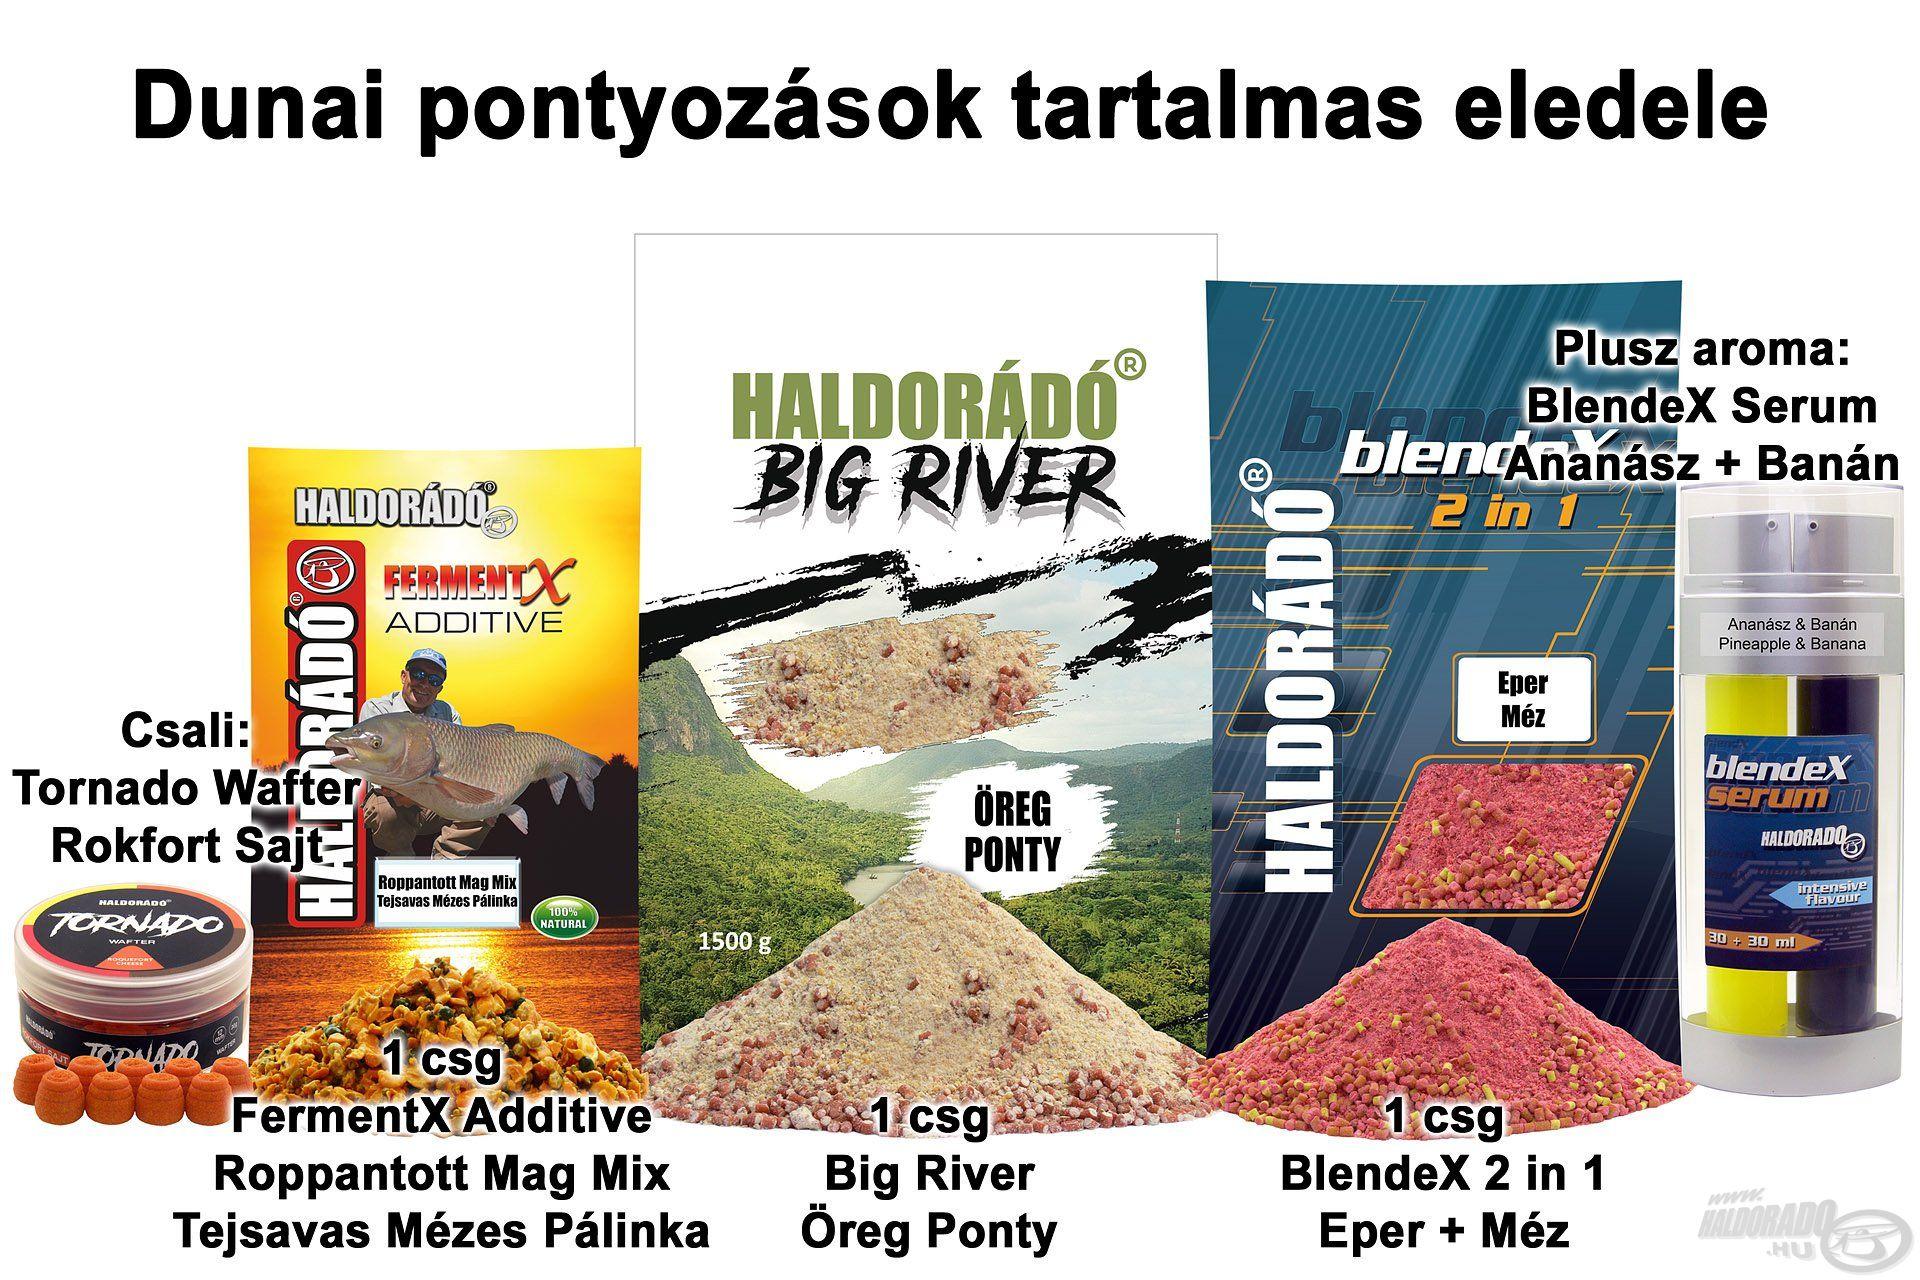 Dunai pontyozások tartalmas eledele